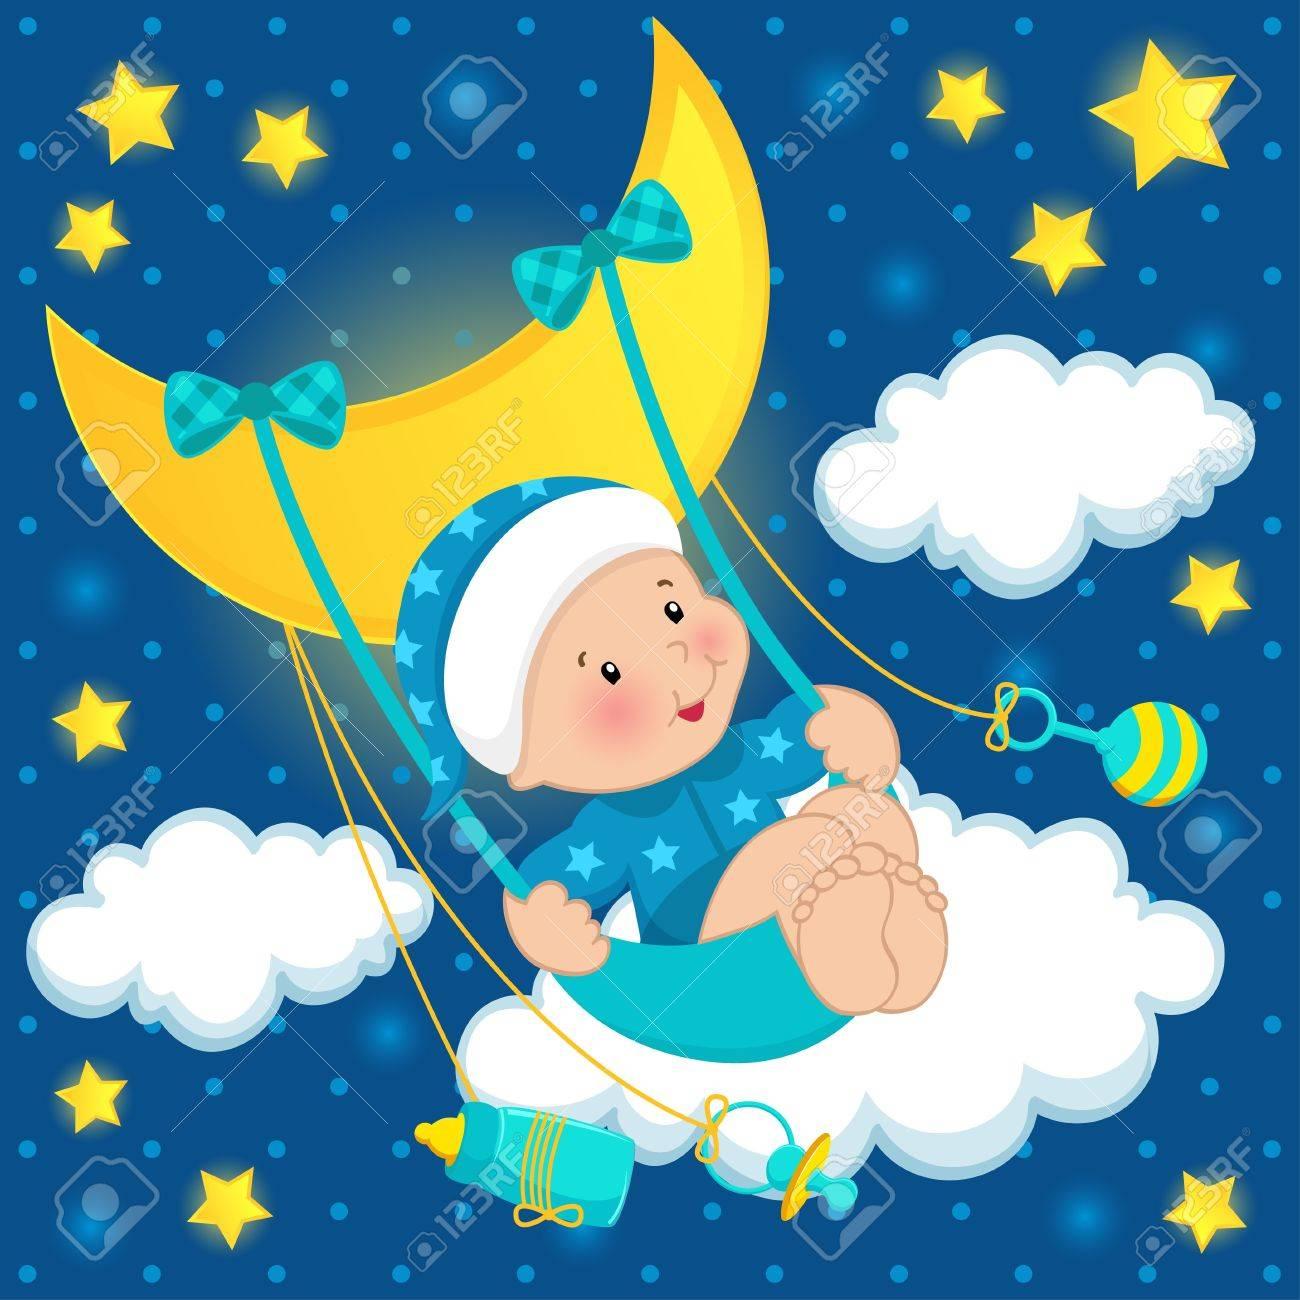 Baby auf dem Mond Vektor Standard-Bild - 17471179